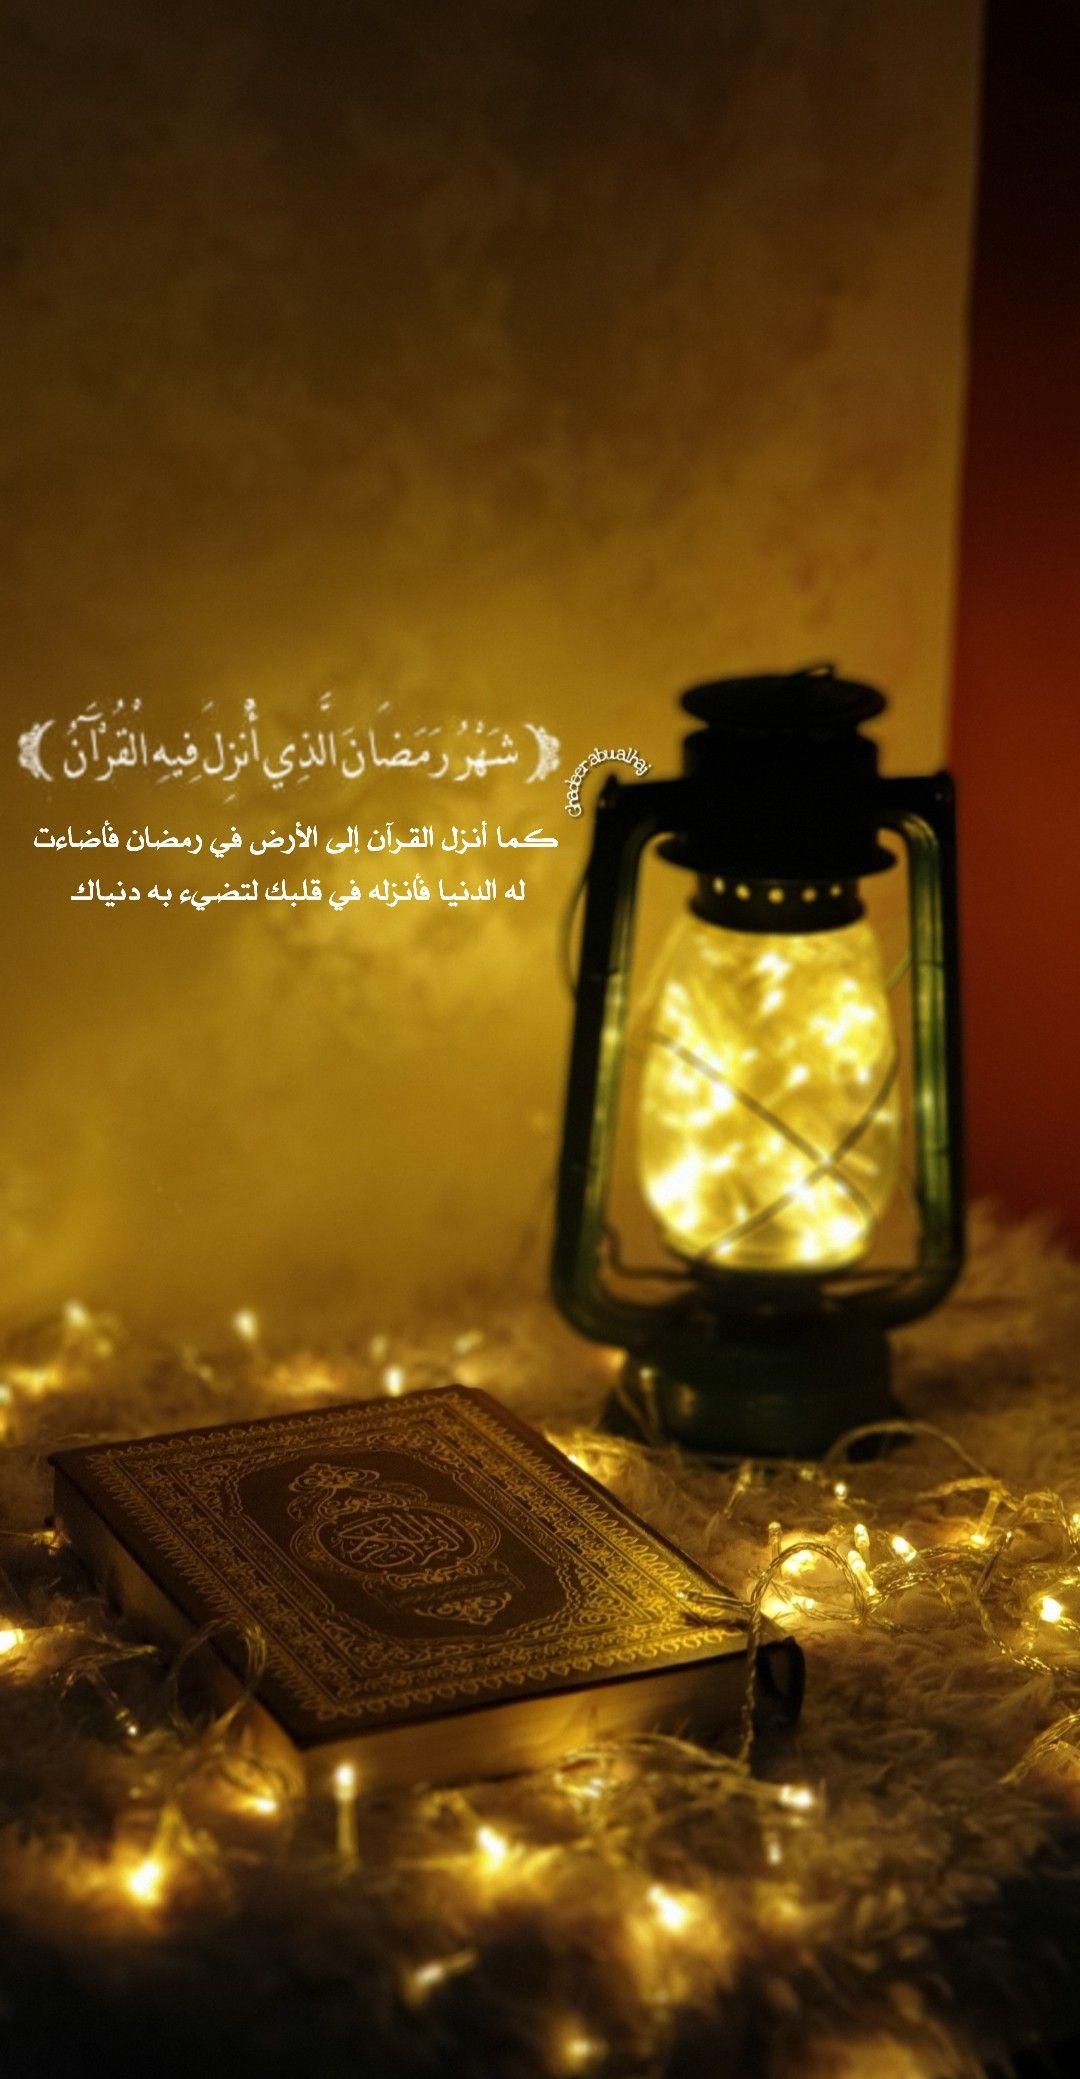 شهر رمضان الذي أنزل فيه القرآن In 2021 Ramadan Decorations Ramadan Kareem Ramadan